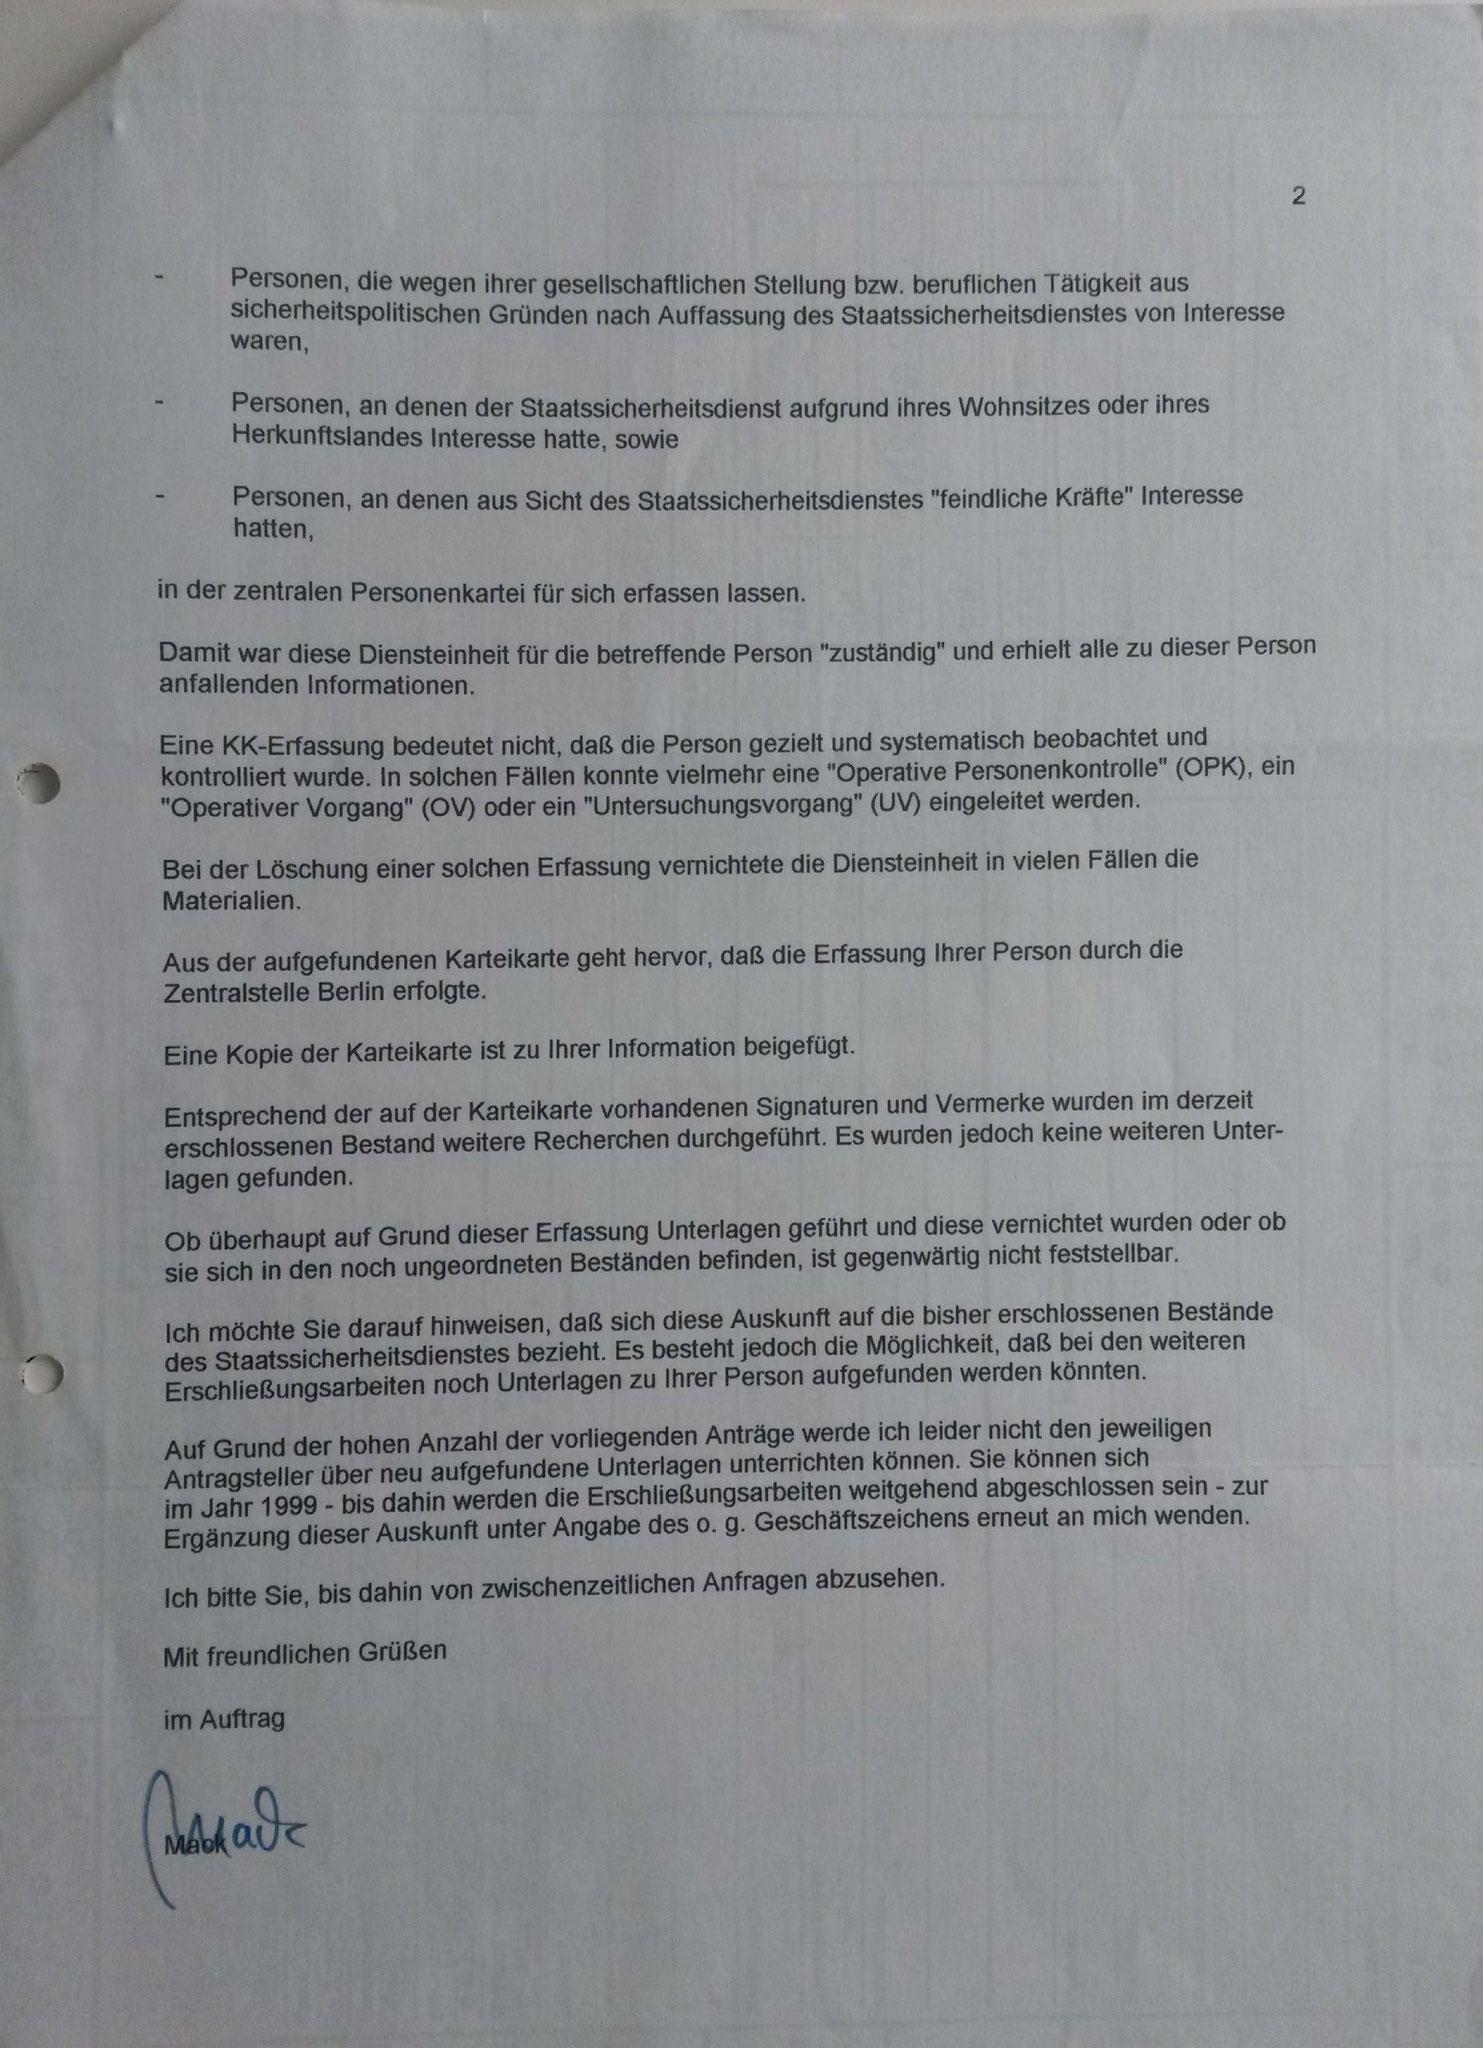 BStU - Bestätigungsschreiben Seite 2